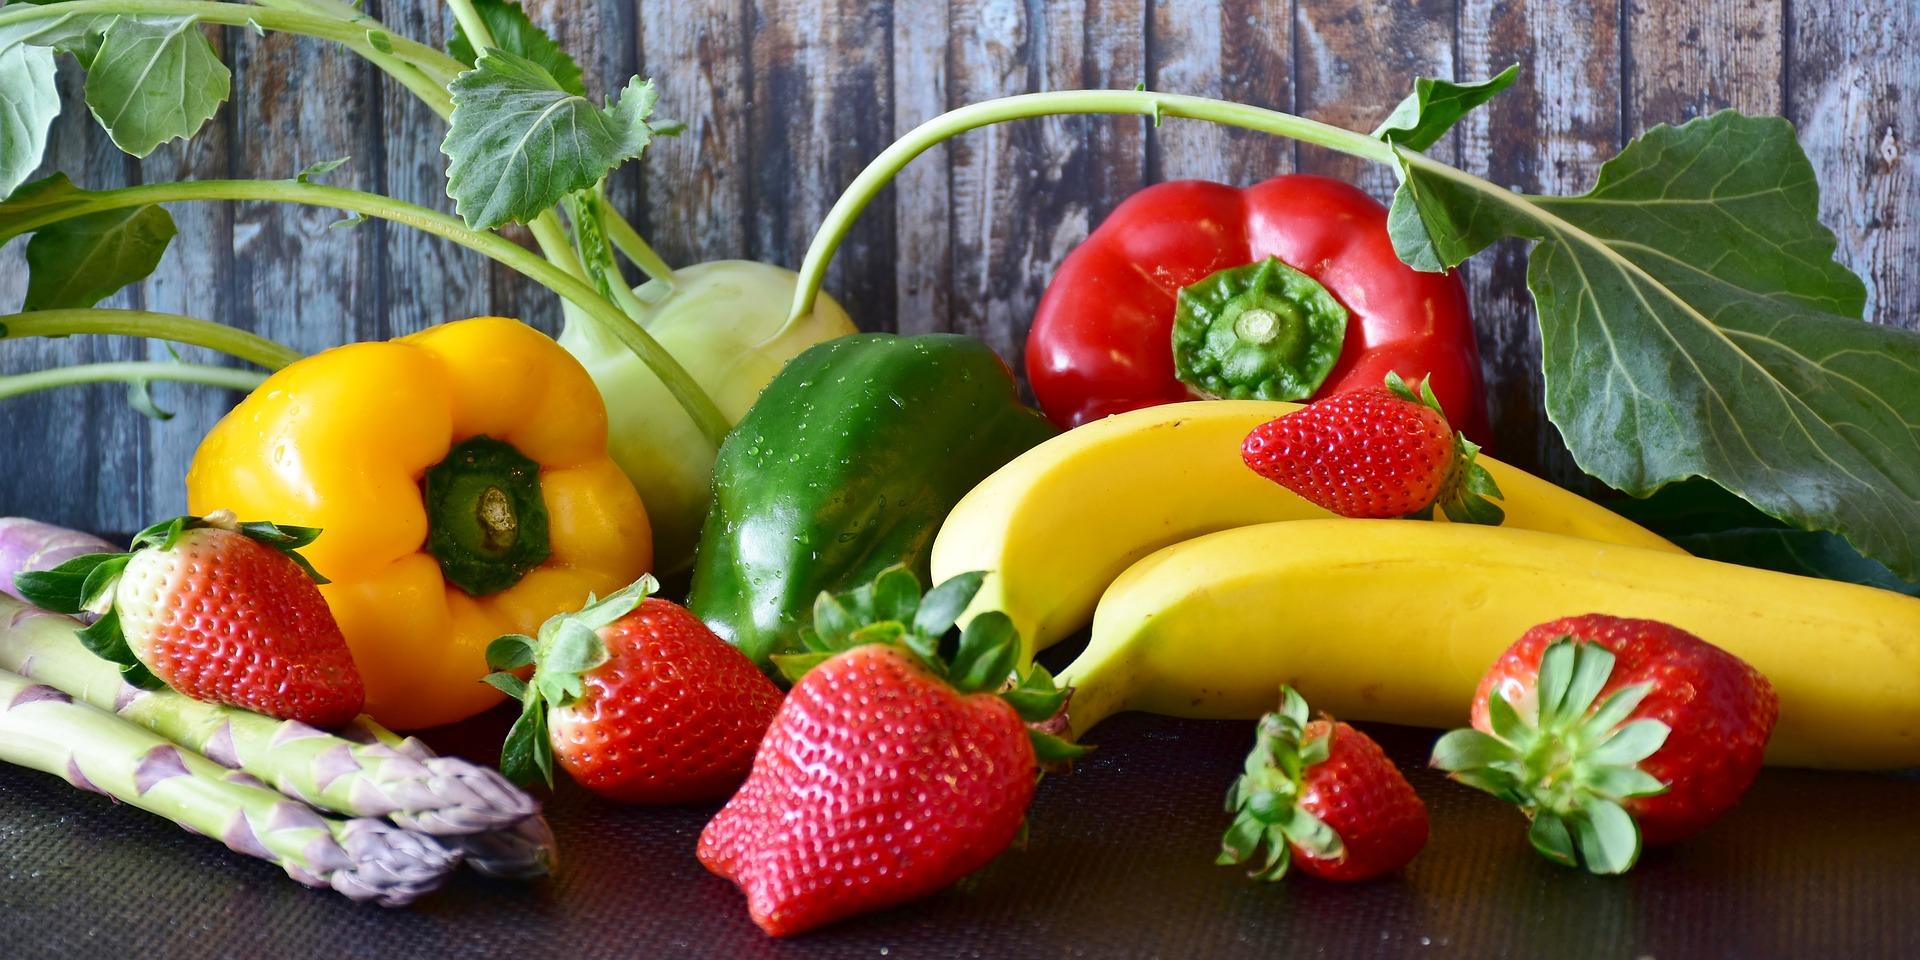 überreifes Obst und Gemüse: Übersicht